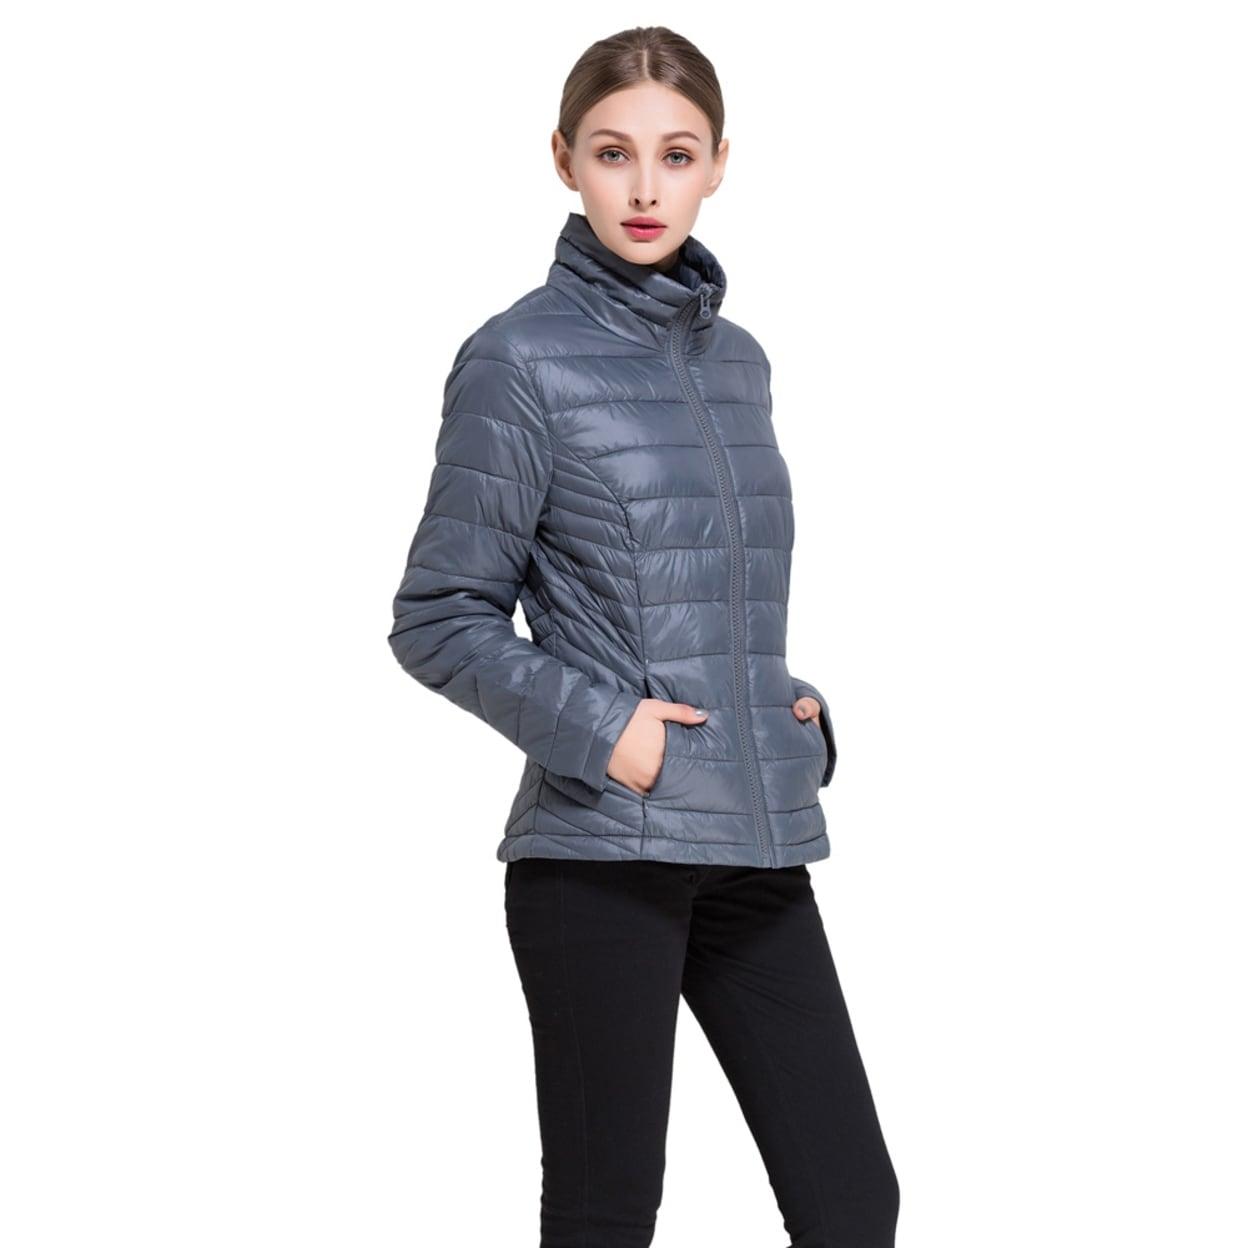 95e8cf946e0e8 Shop Bel-Air Women's Goose Down Lightweight Puffer Jacket - Extended ...